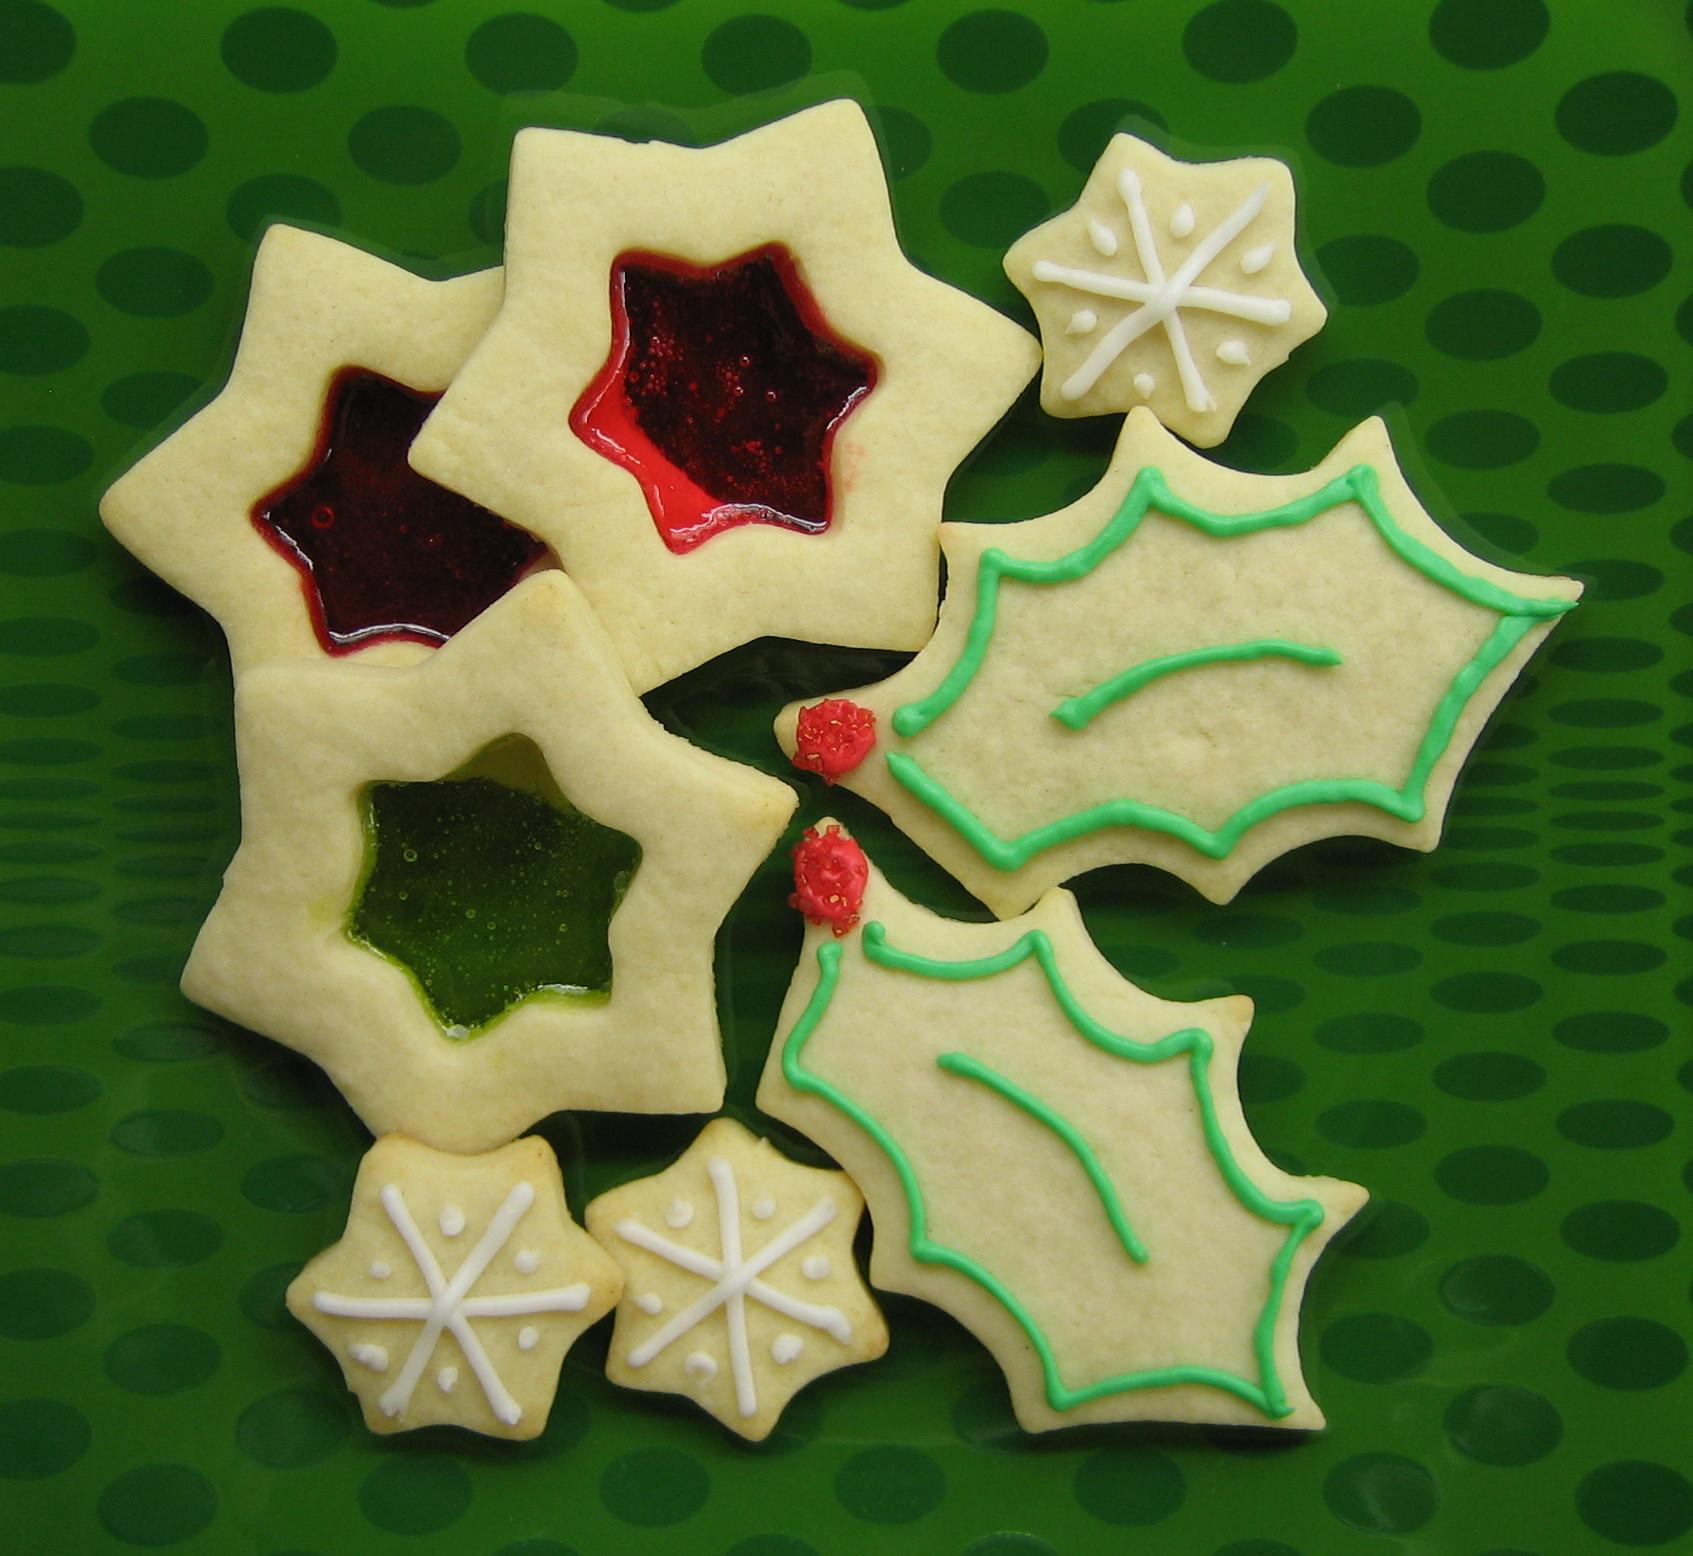 Moldes y cortapastas para la receta y decoración de las galletas de Navidad